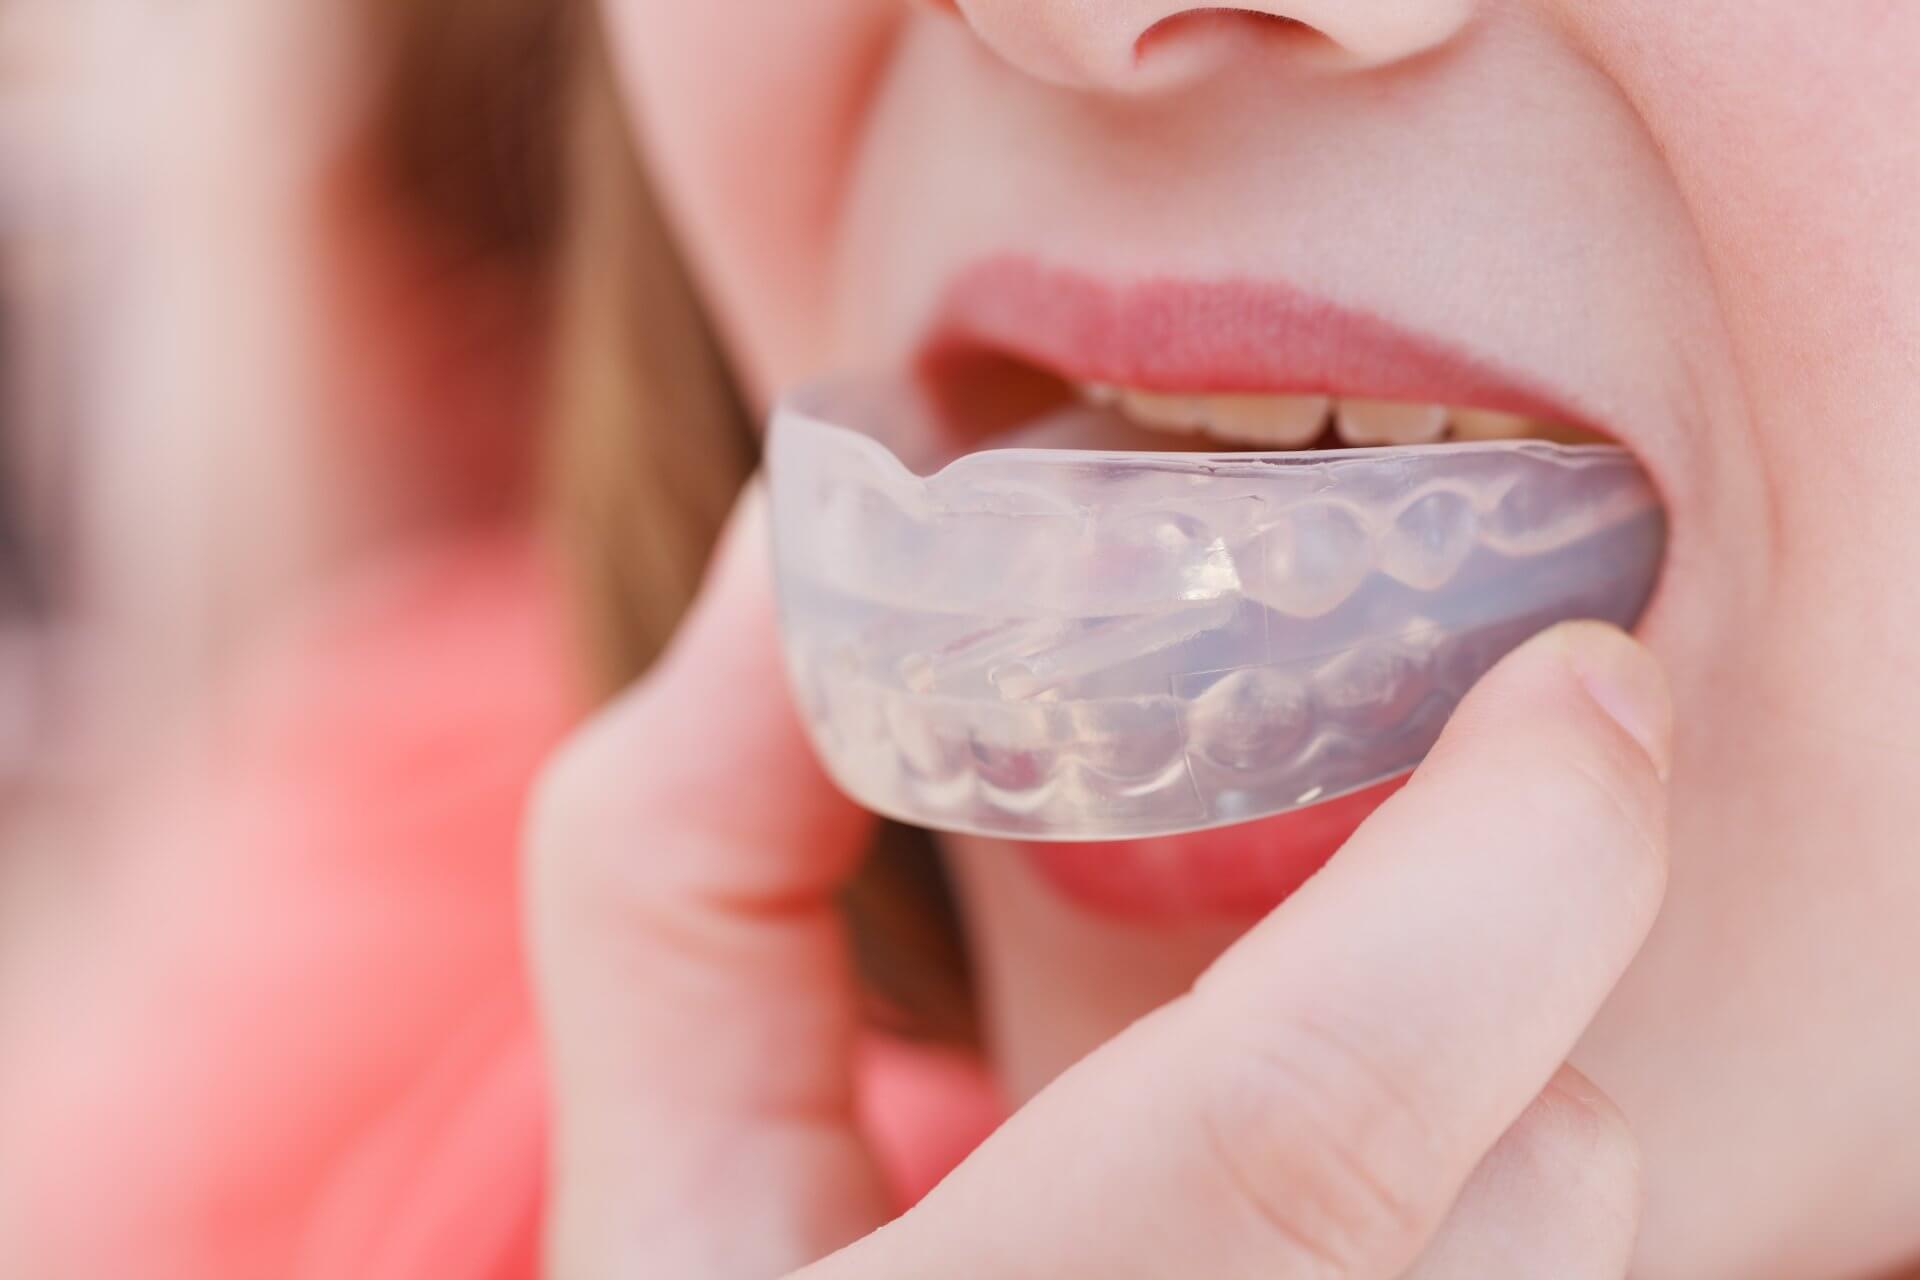 Детские и взрослые трейнеры для зубов: разновидности, показания, правила ношения, стоимость